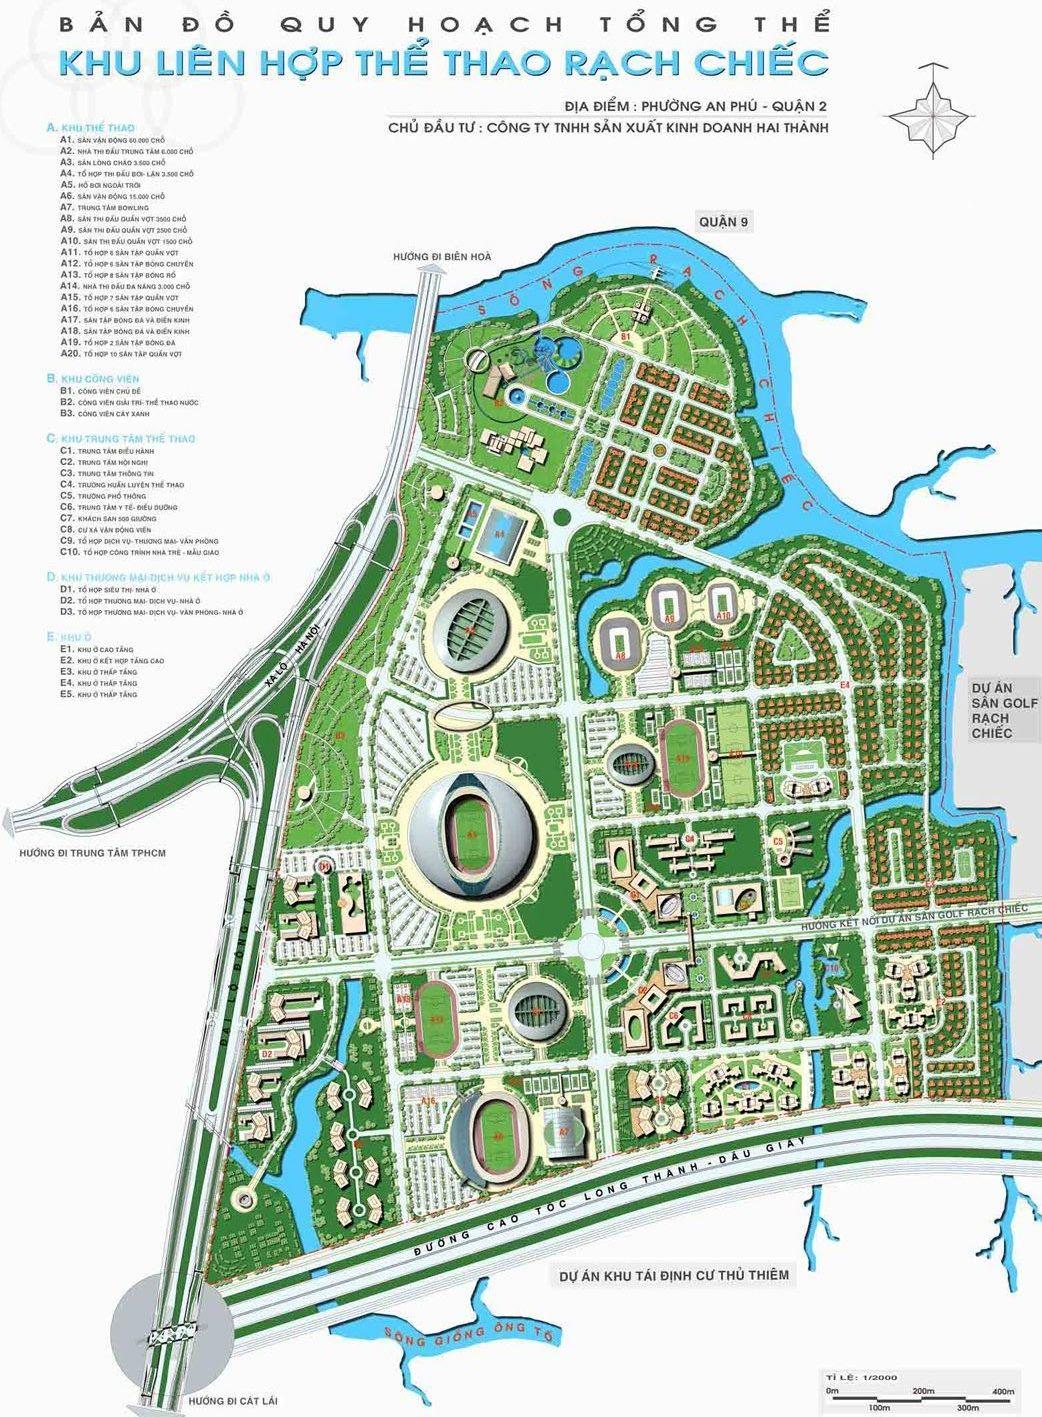 Dự án Trung tâm thể dục thể thao rạch chiếc Quận 2 - Quy hoạch và tiến độ